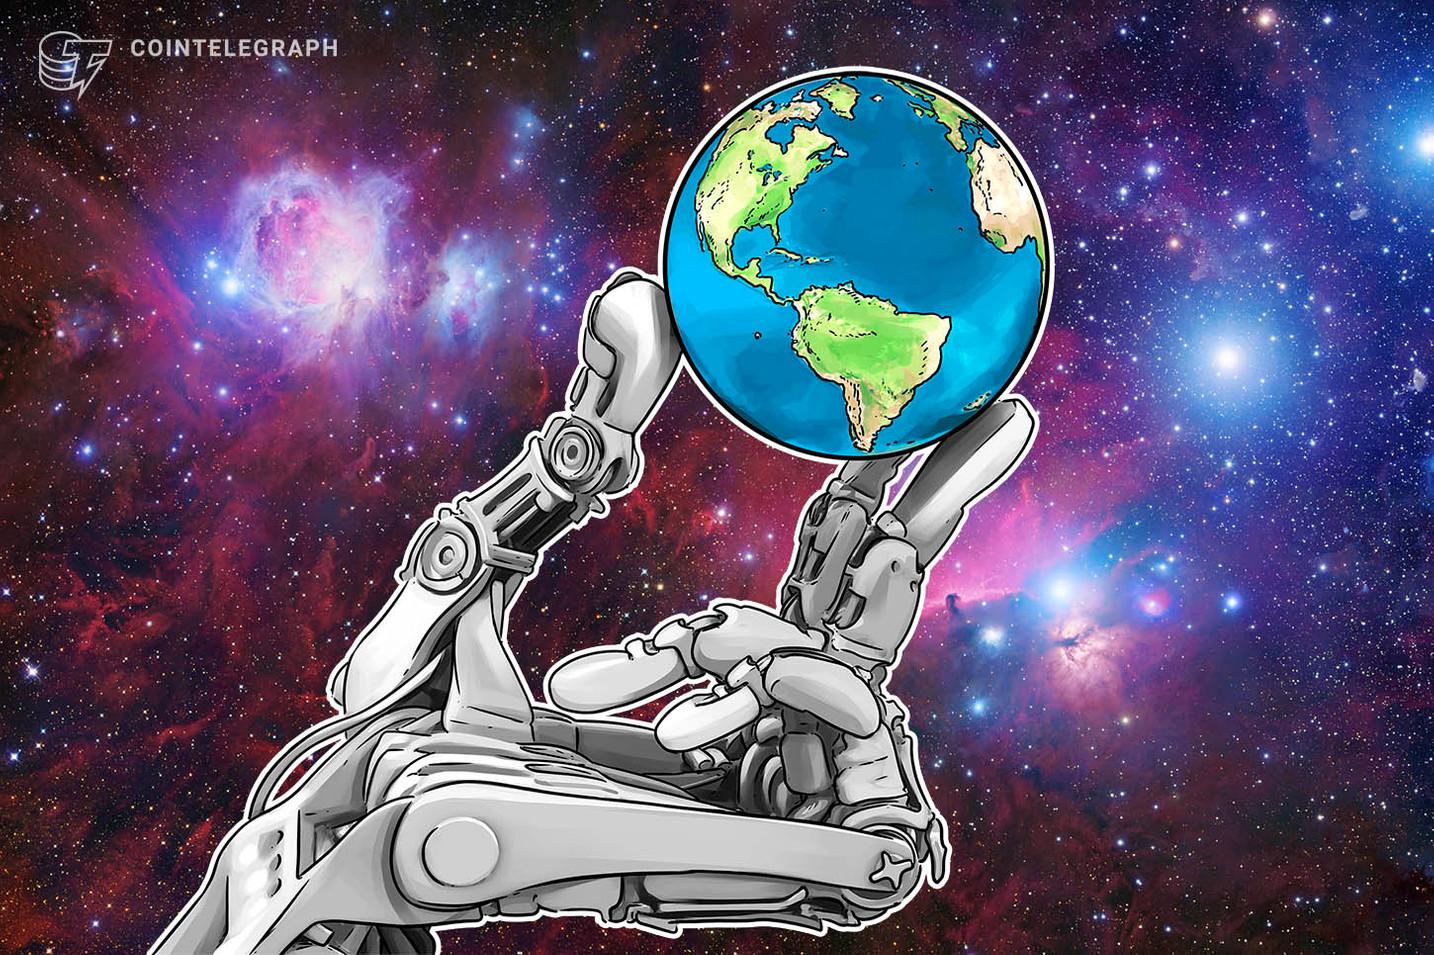 """ارتفاع الطلب العالمي على مهندسي تقنية بلوكتشين بنسبة ٥١٧٪  خلال عام، بحسب """"هايرد"""""""